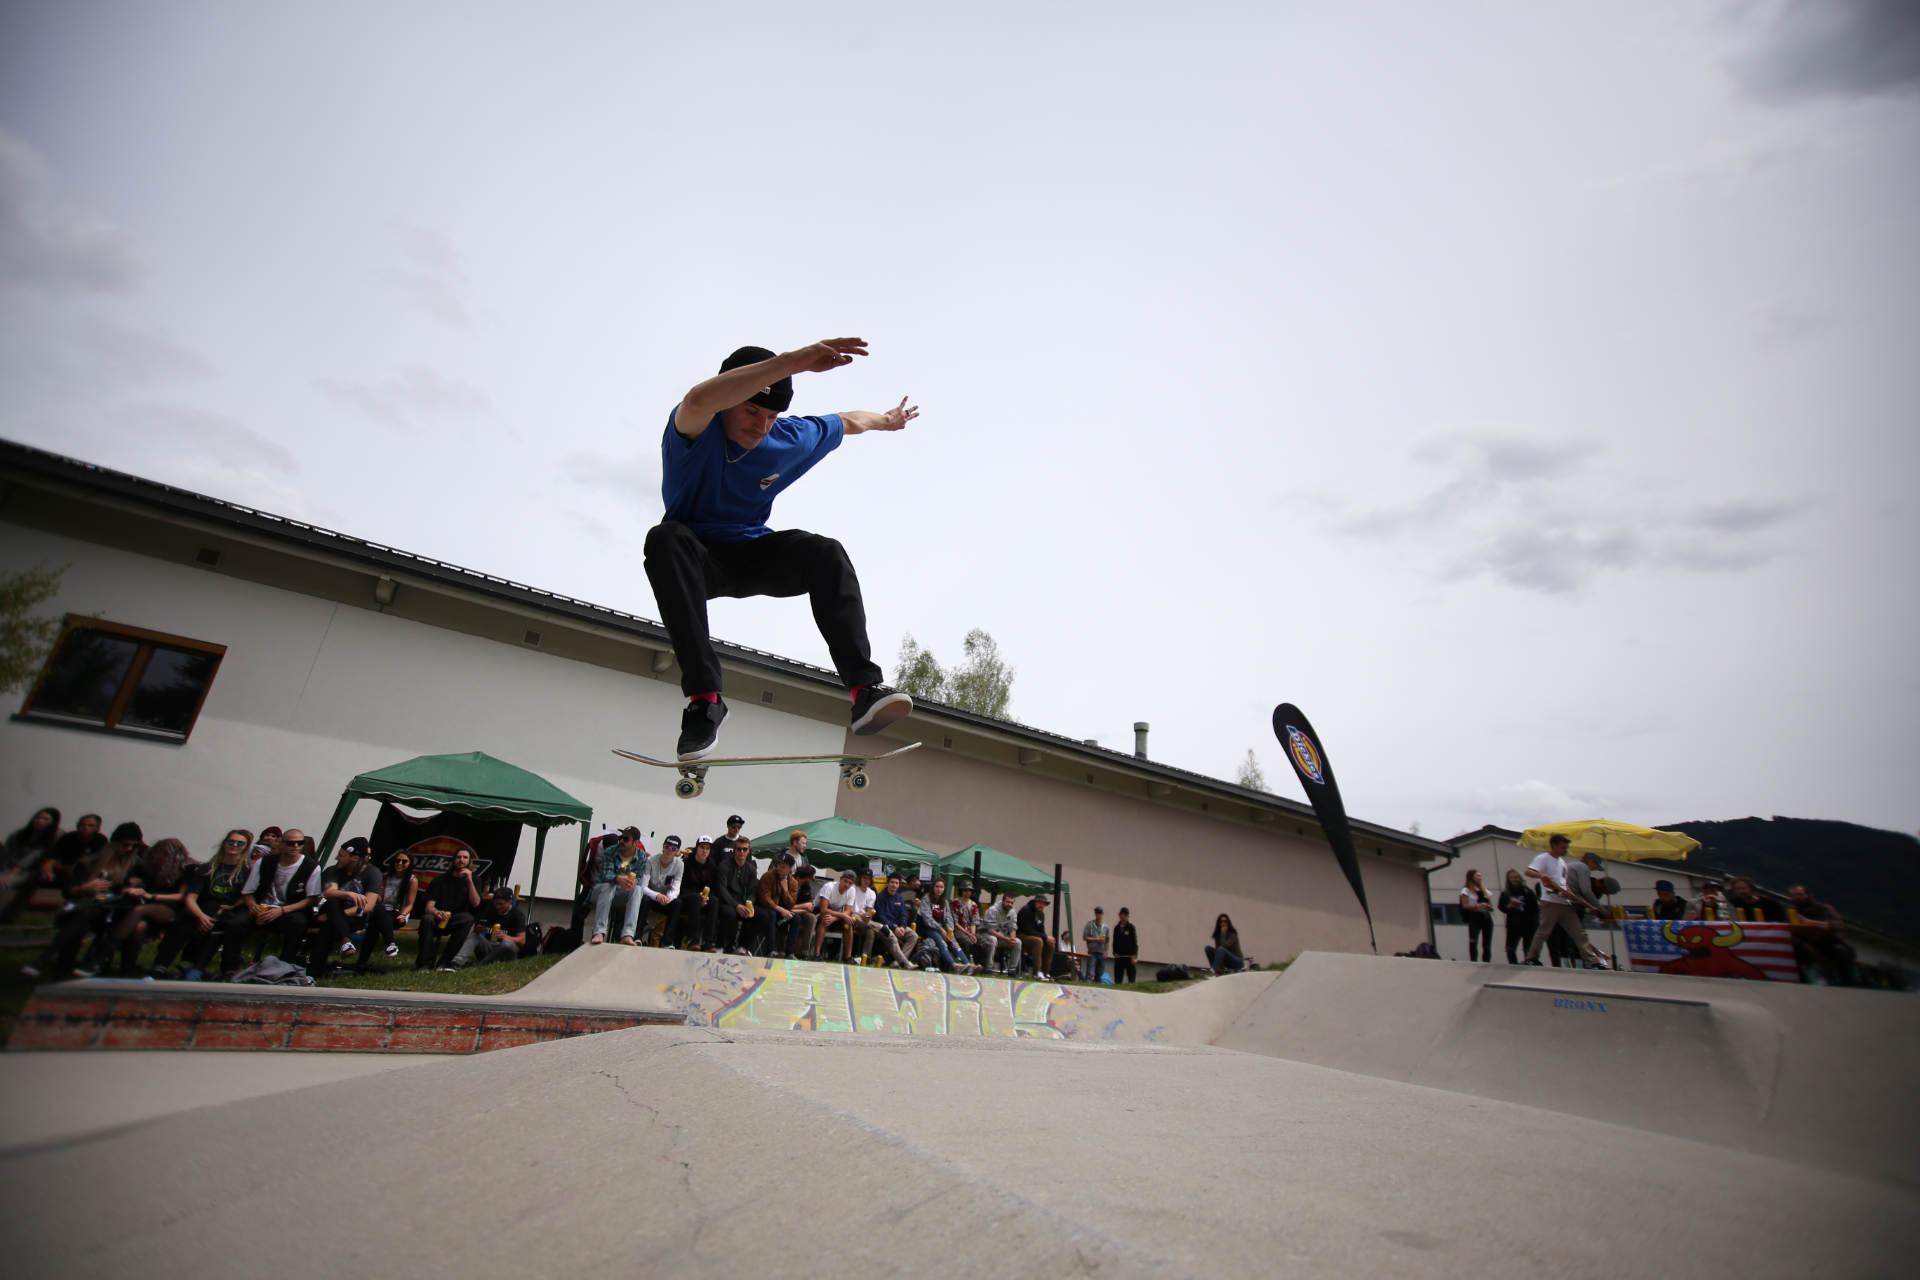 skateboard headz fieberbrunn kgt kitz gau trophy 2019 saalfelden hell00006